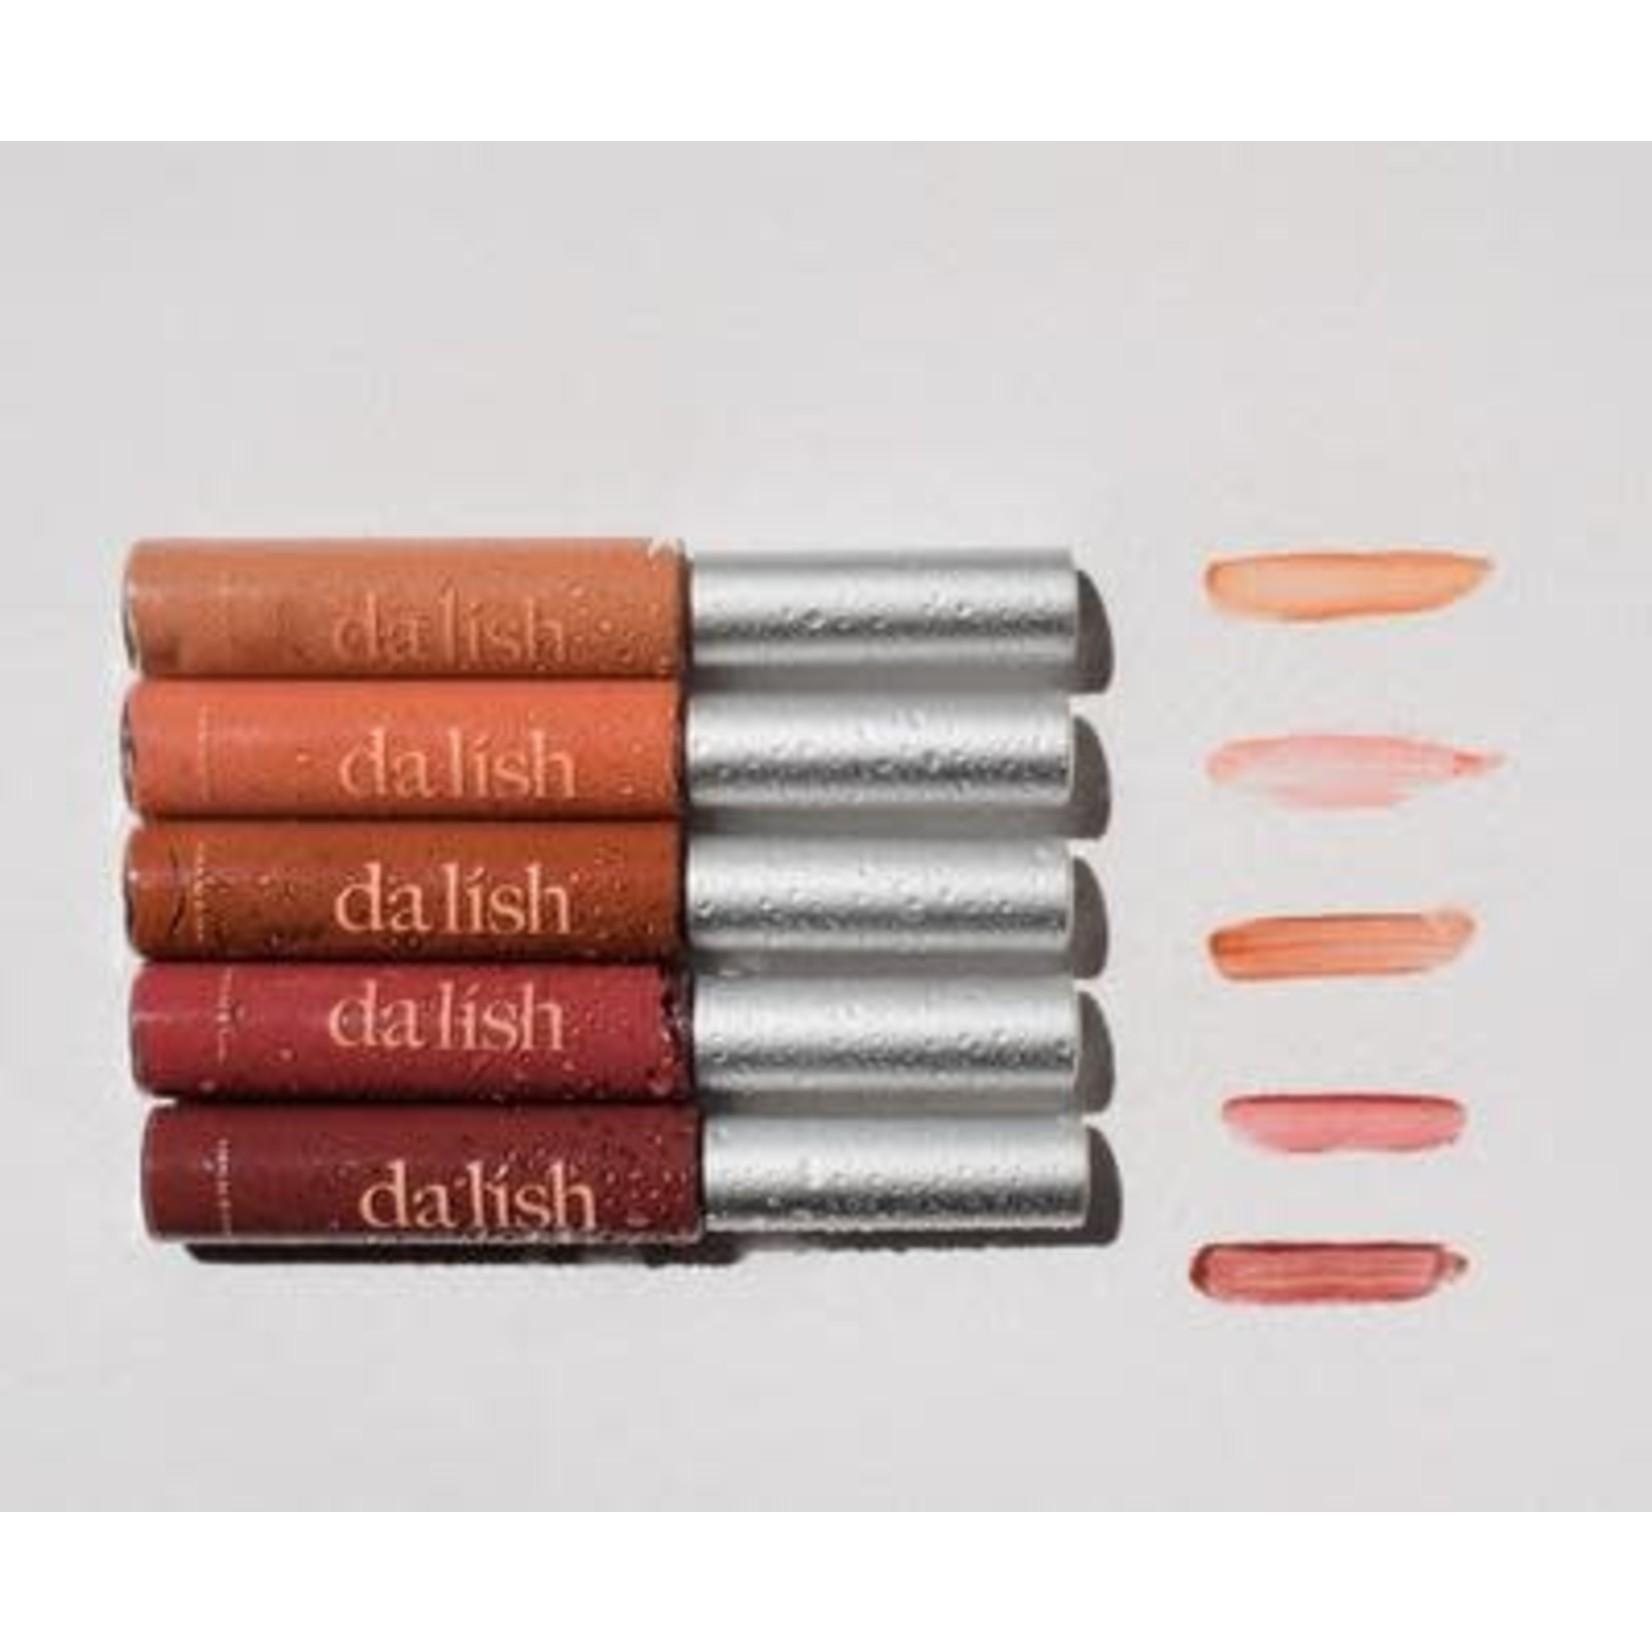 Dalish Lip Gloss